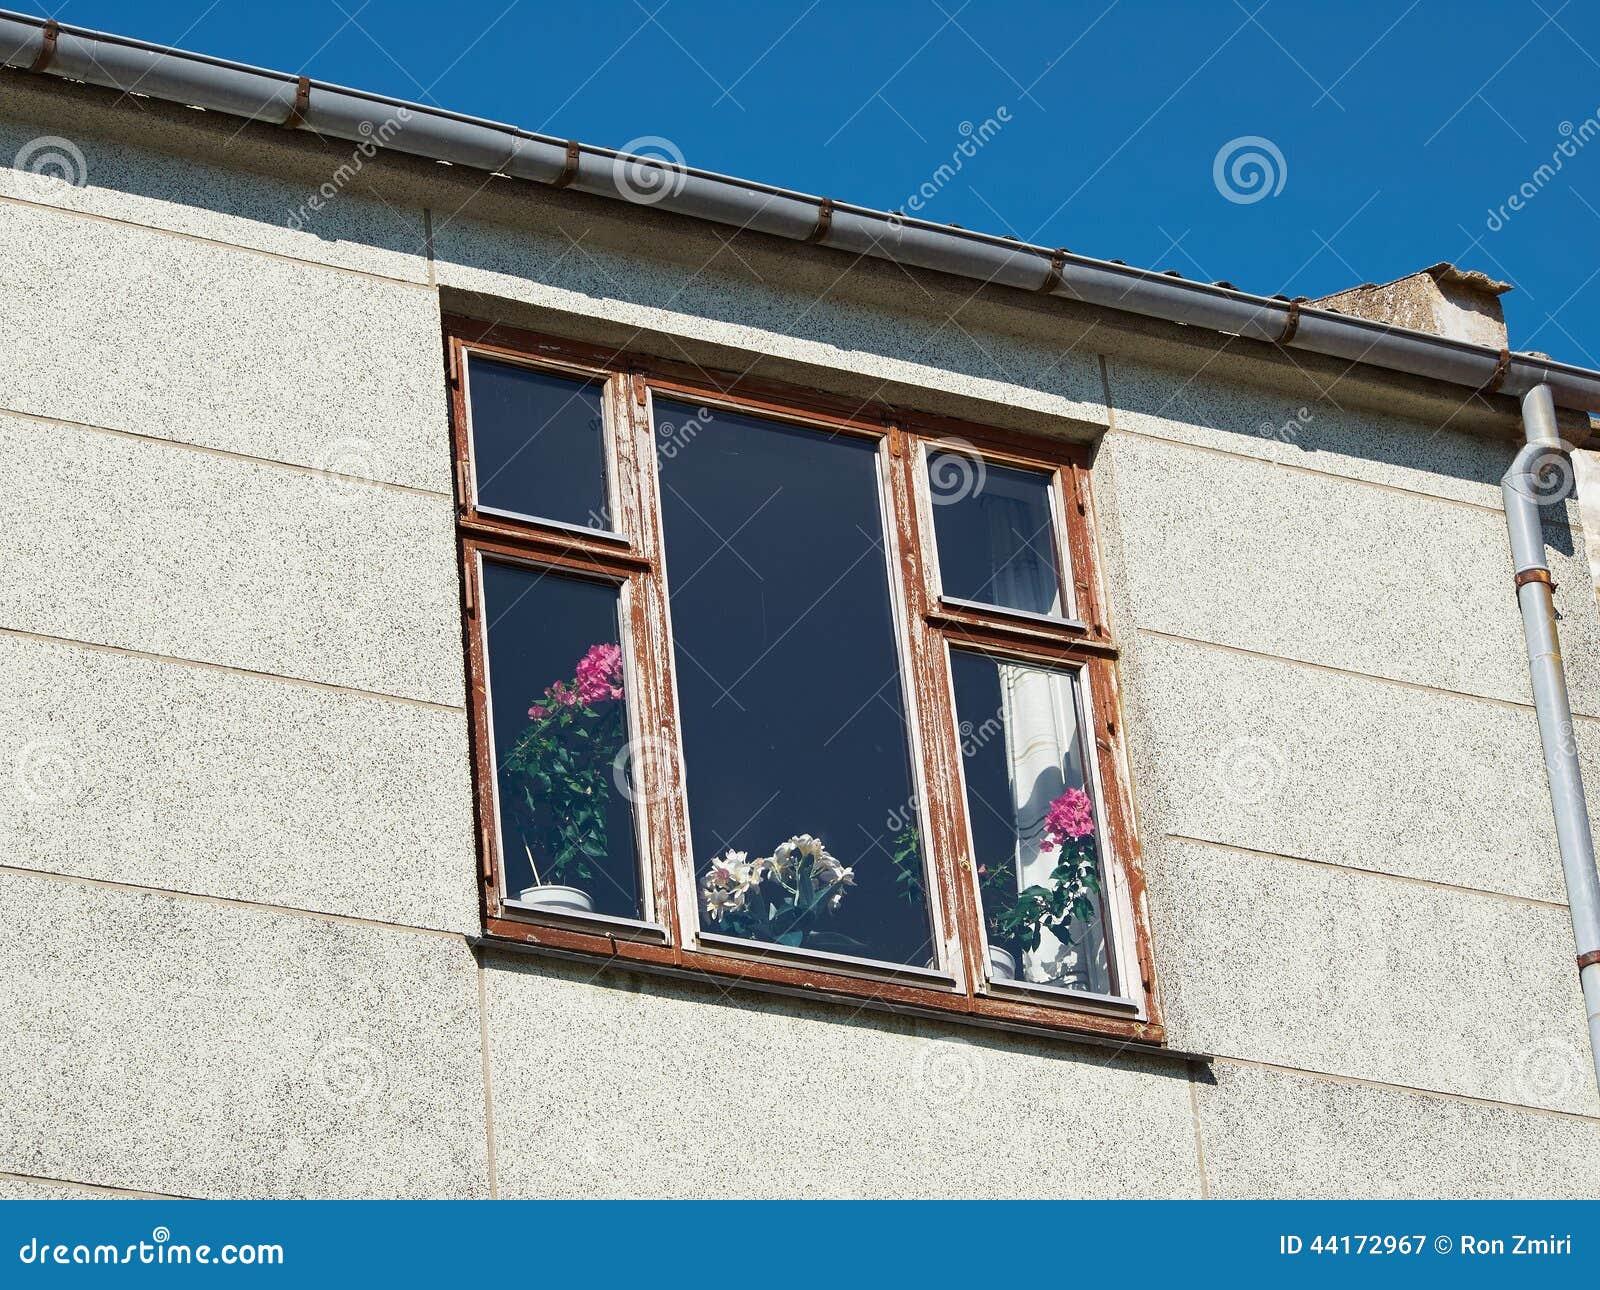 sch ne blumen in einem vase am fenster stockfoto bild 44172967. Black Bedroom Furniture Sets. Home Design Ideas